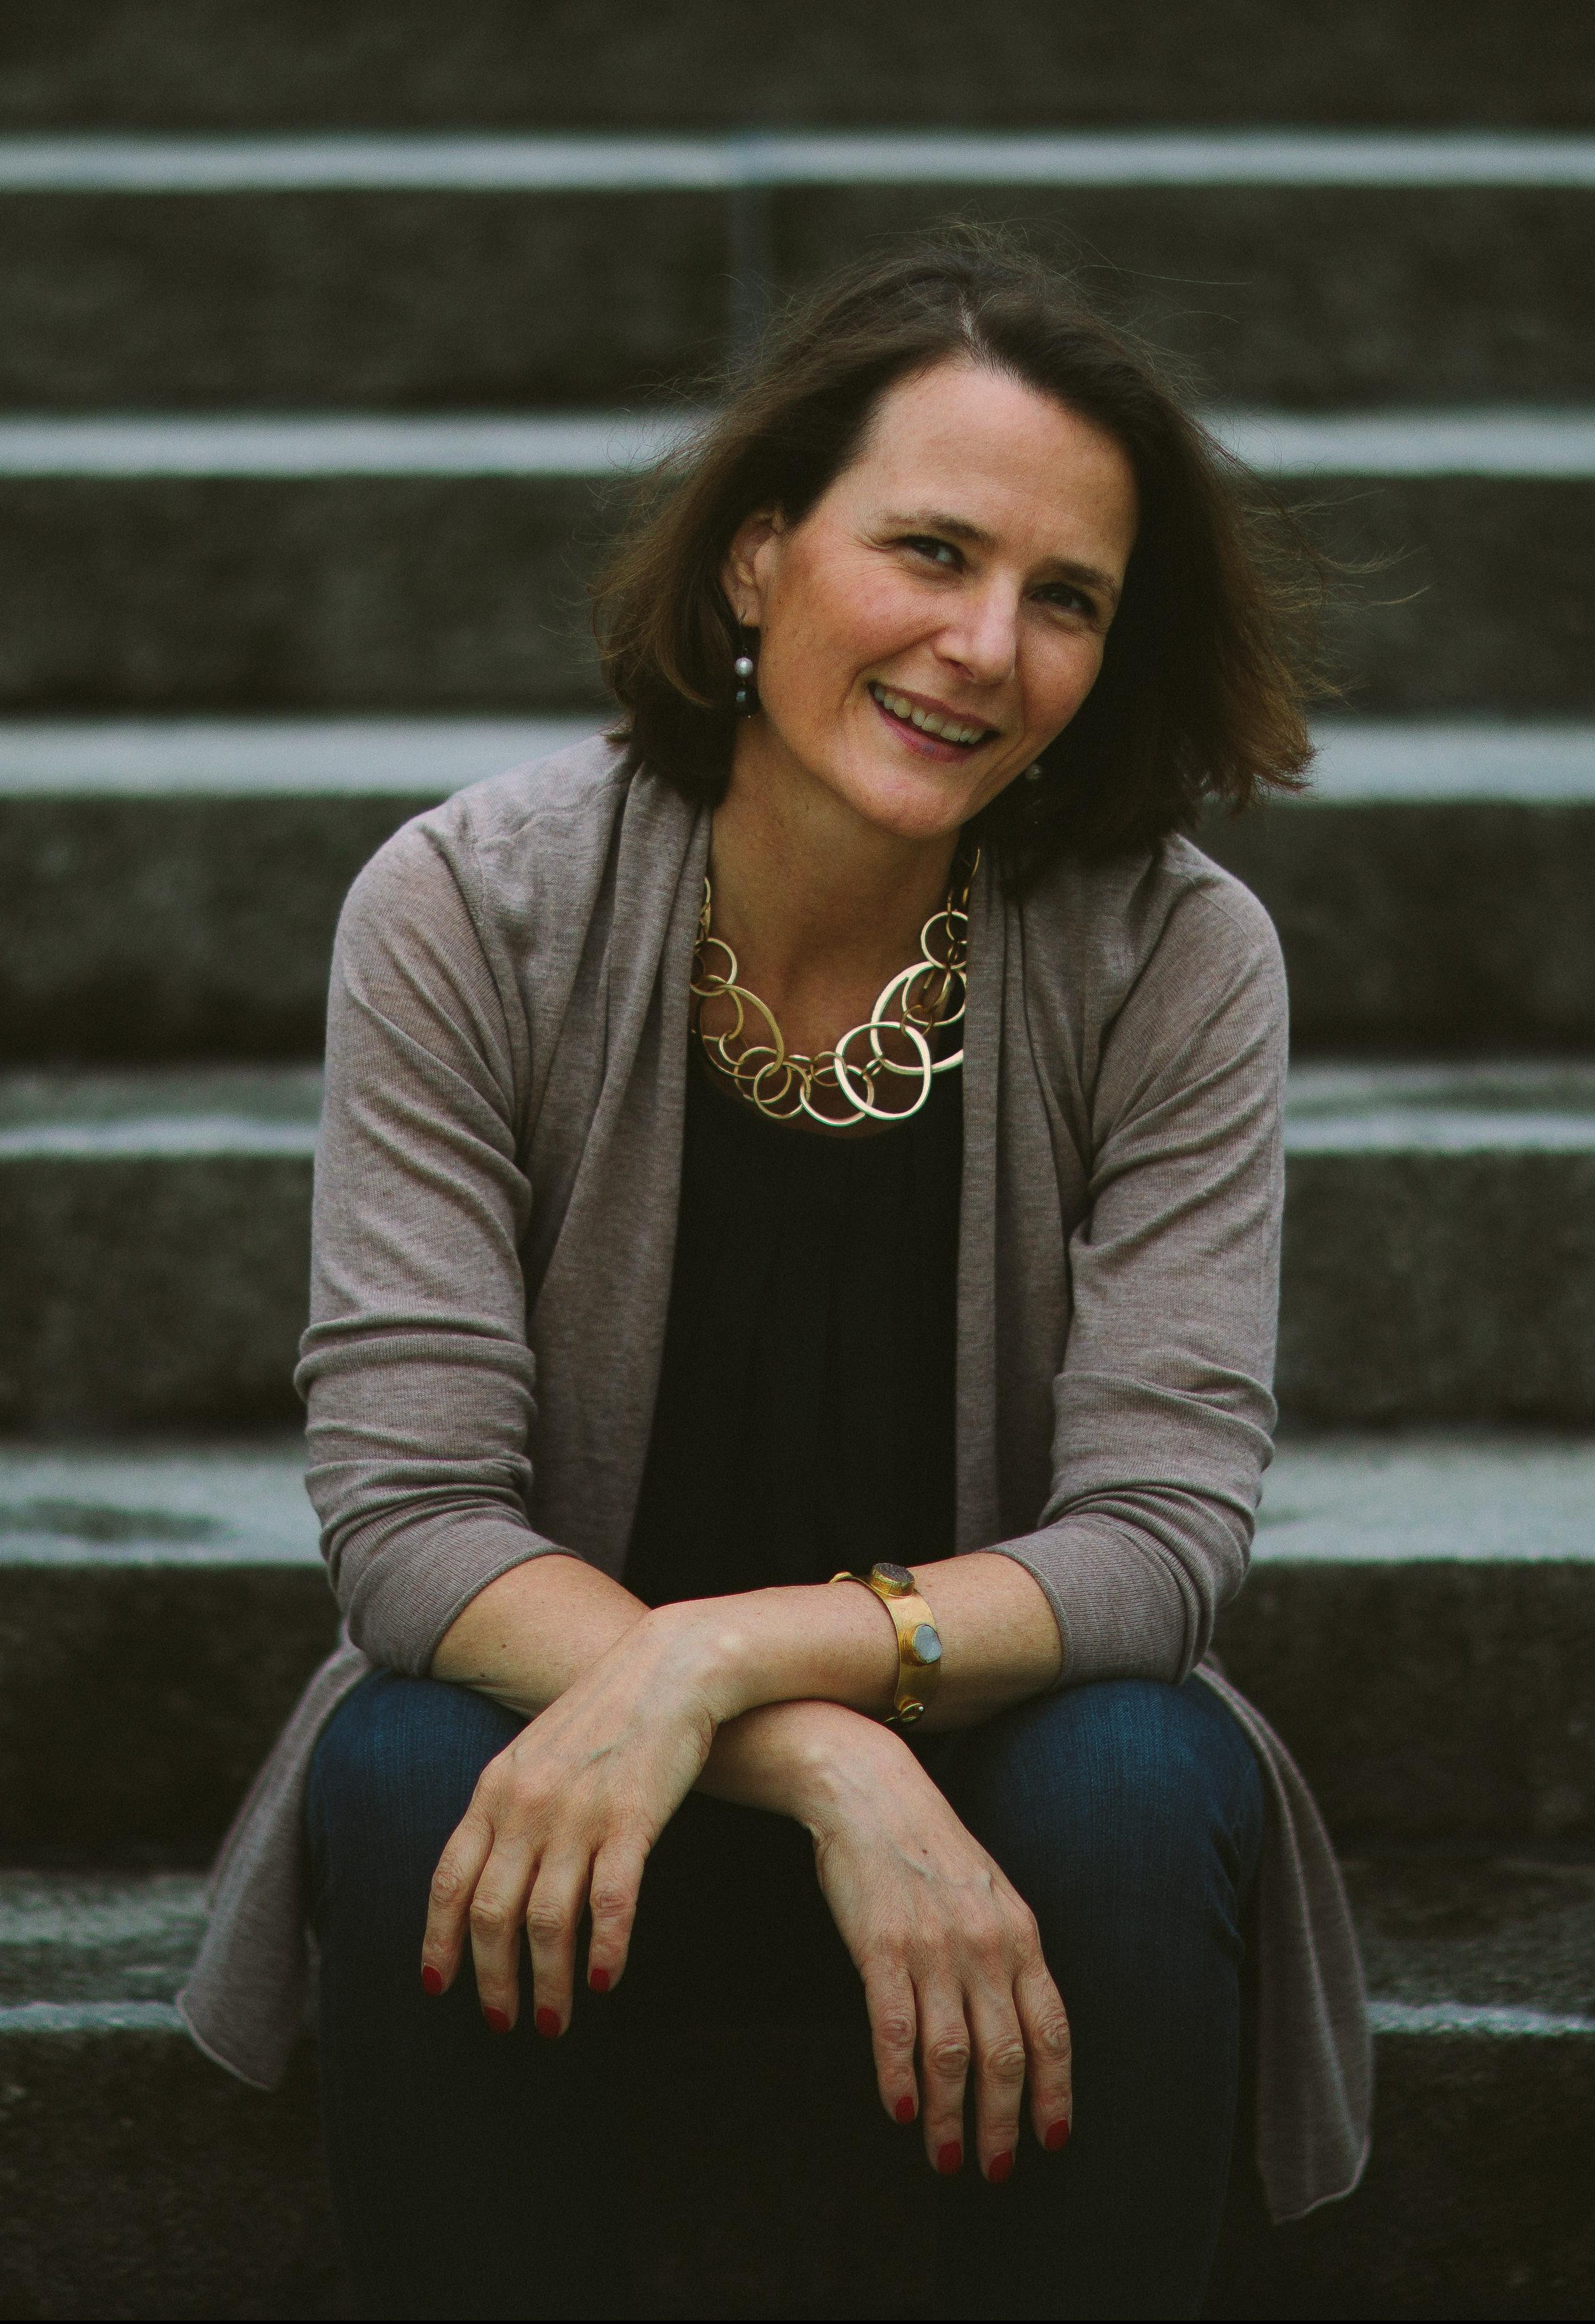 Andrea Sydow filóloga y terapeuta La Felicidad Que Permanece retiro basado en las ensenanzas de Bert Hellinger